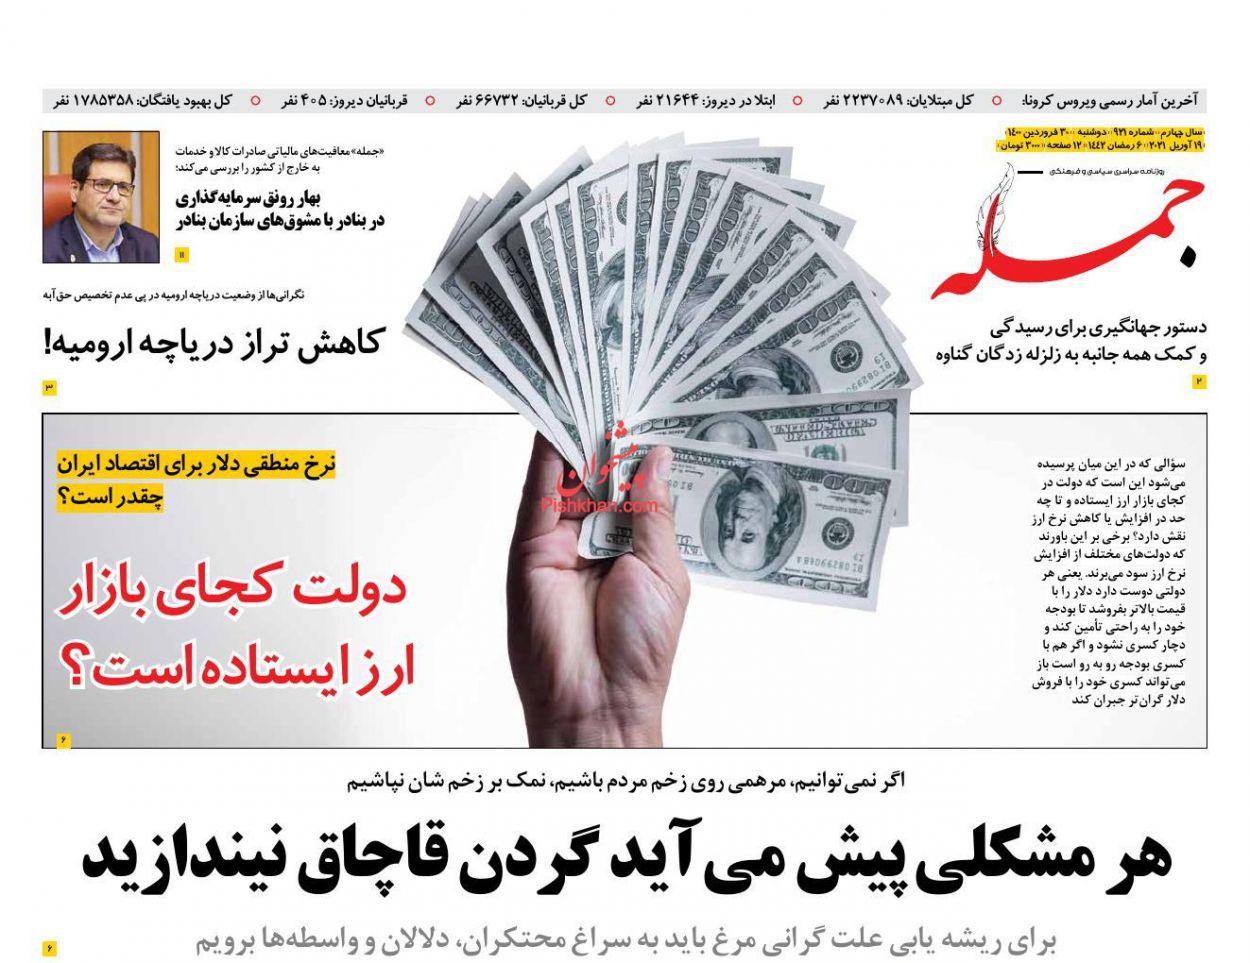 عناوین اخبار روزنامه جمله در روز دوشنبه ۳۰ فروردين